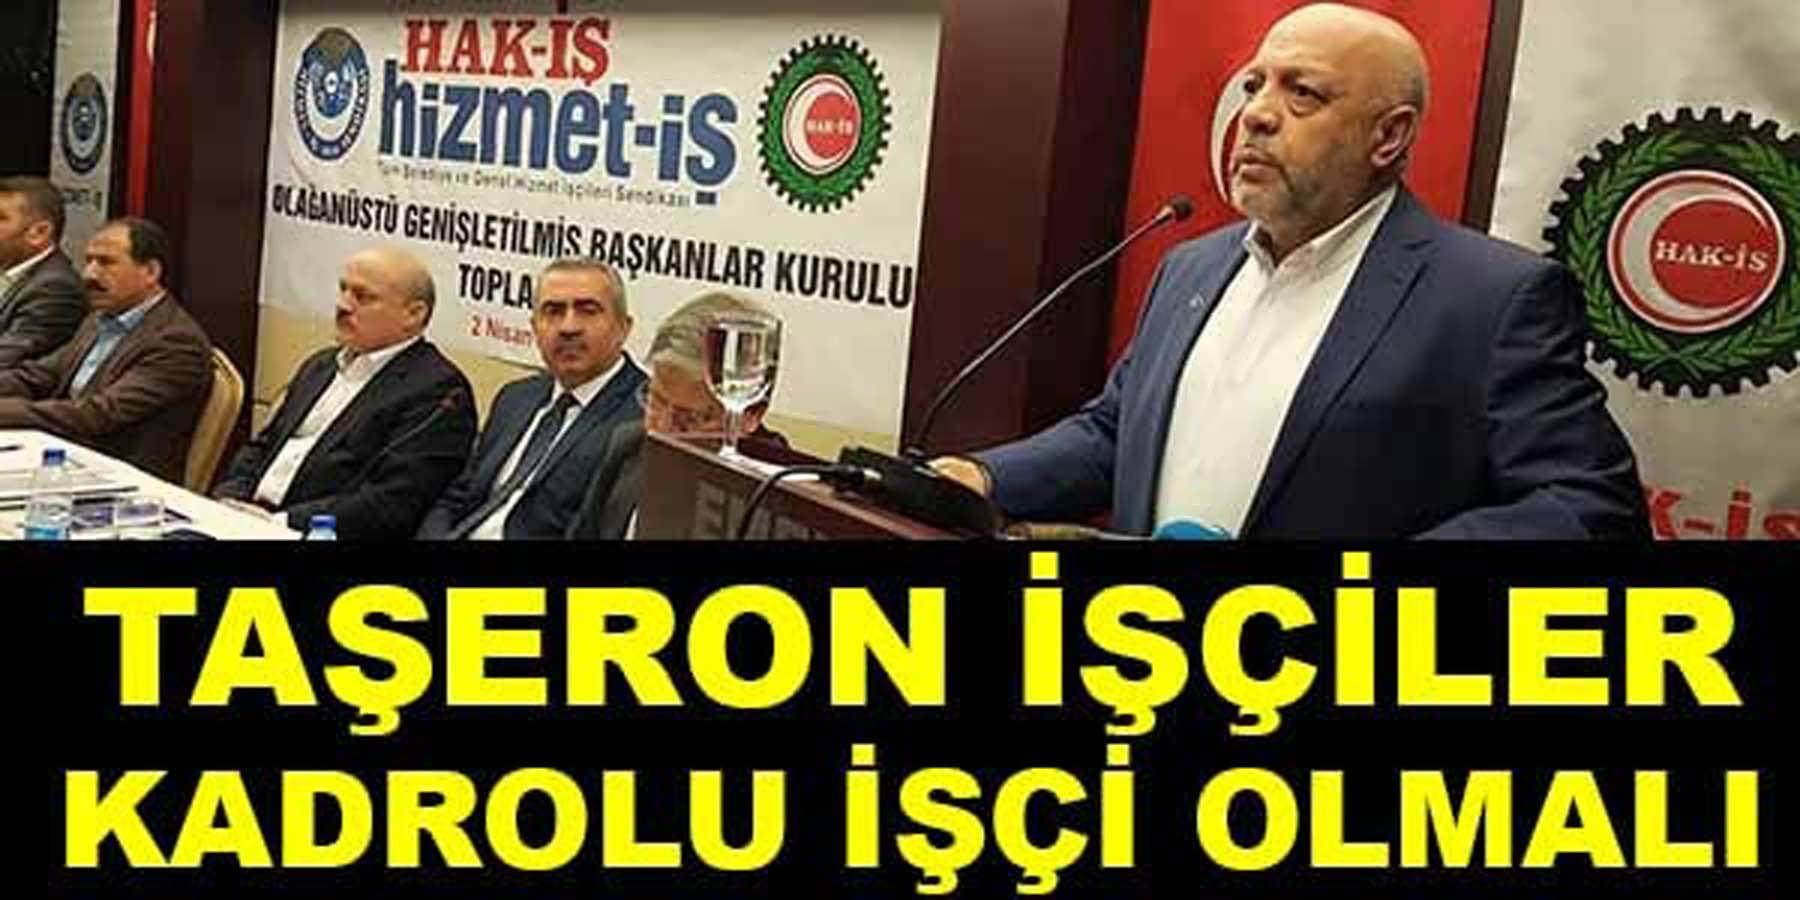 Hak-İş Genel Başkanı Taşeron İşçileri Kamuda Kadrolu İşçi Olmalı